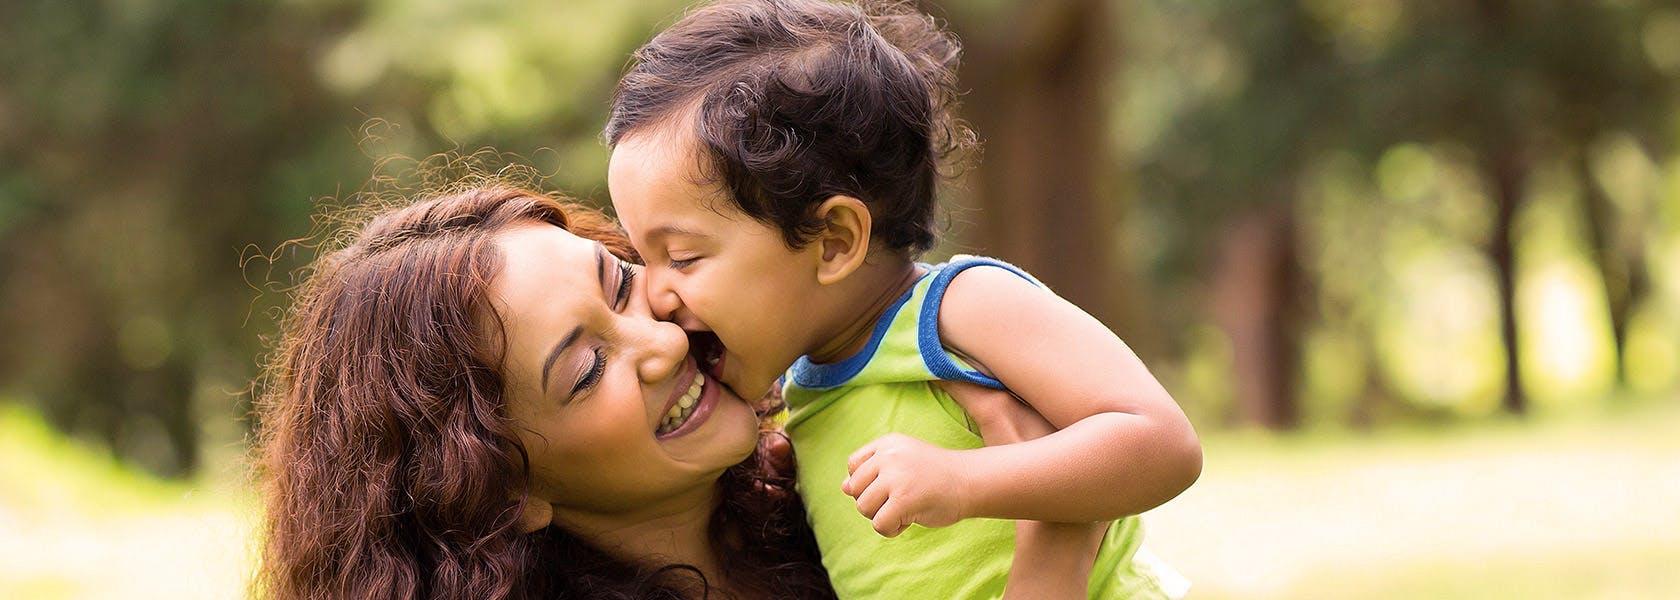 Anak Mencium Ibunya di Luar Rumah